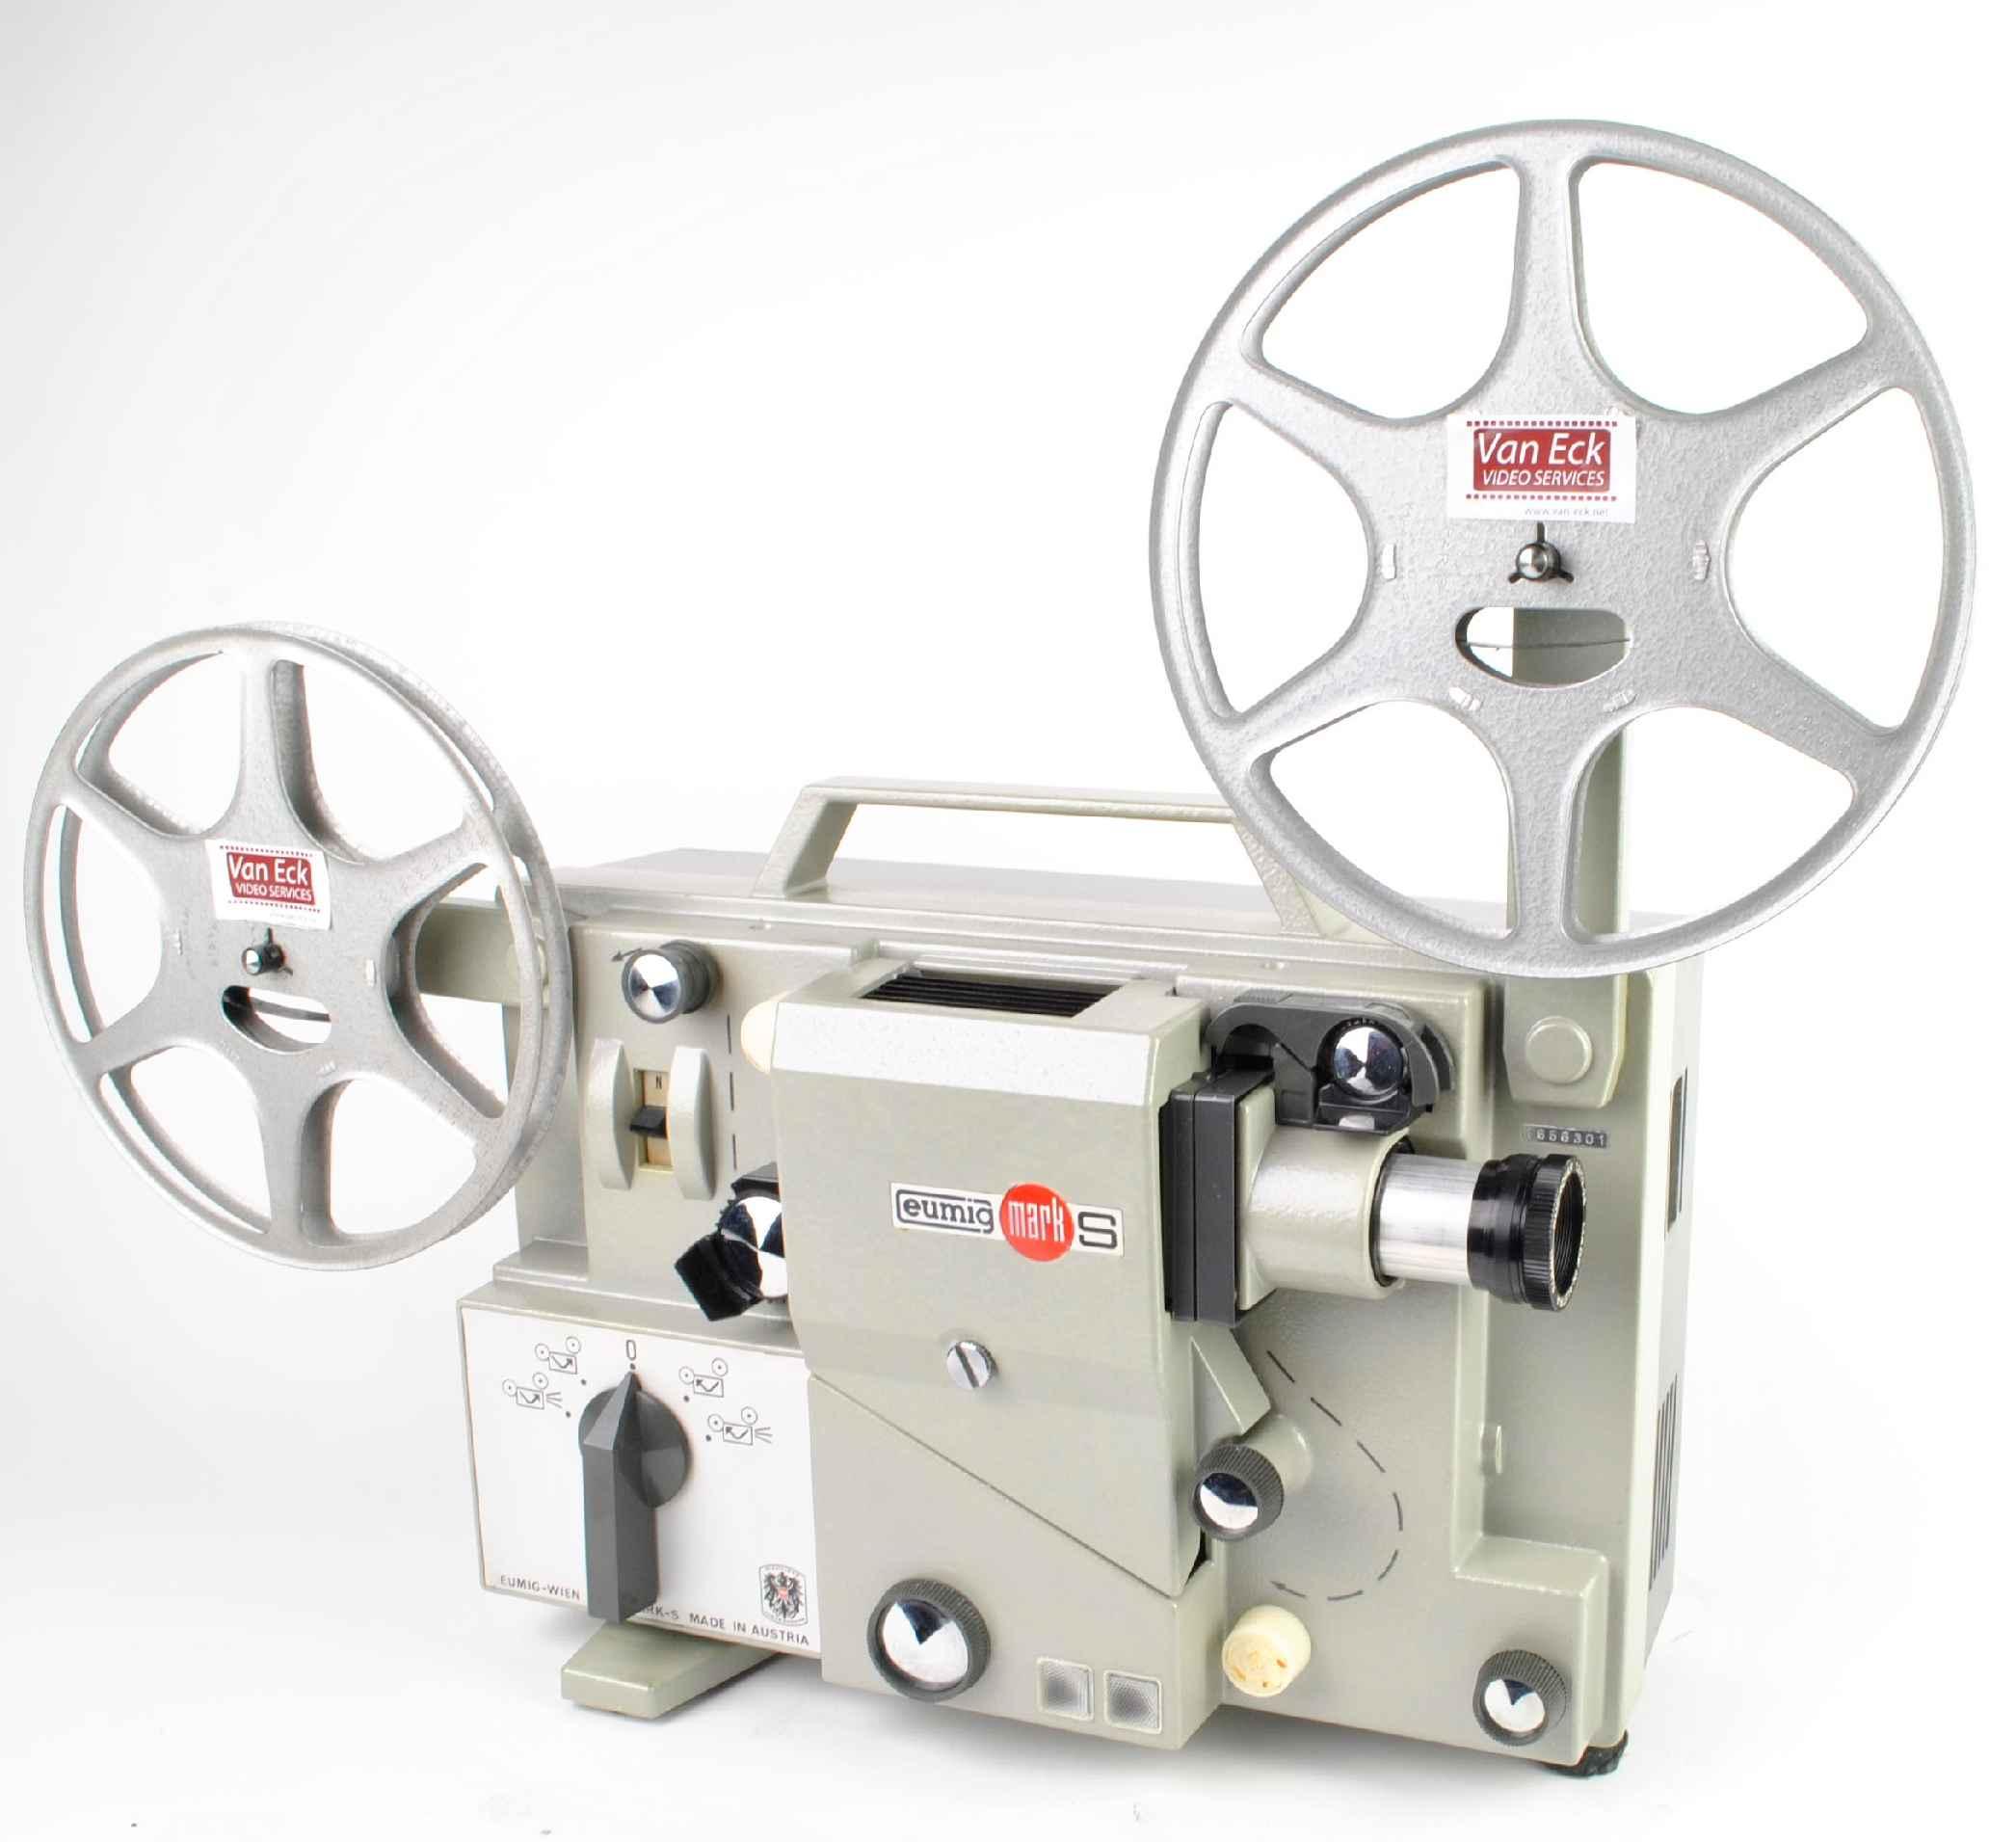 eumig mark s film projectors spare parts and information van eck rh van eck net eumig 610d projector manual eumig mark 8 projector manual